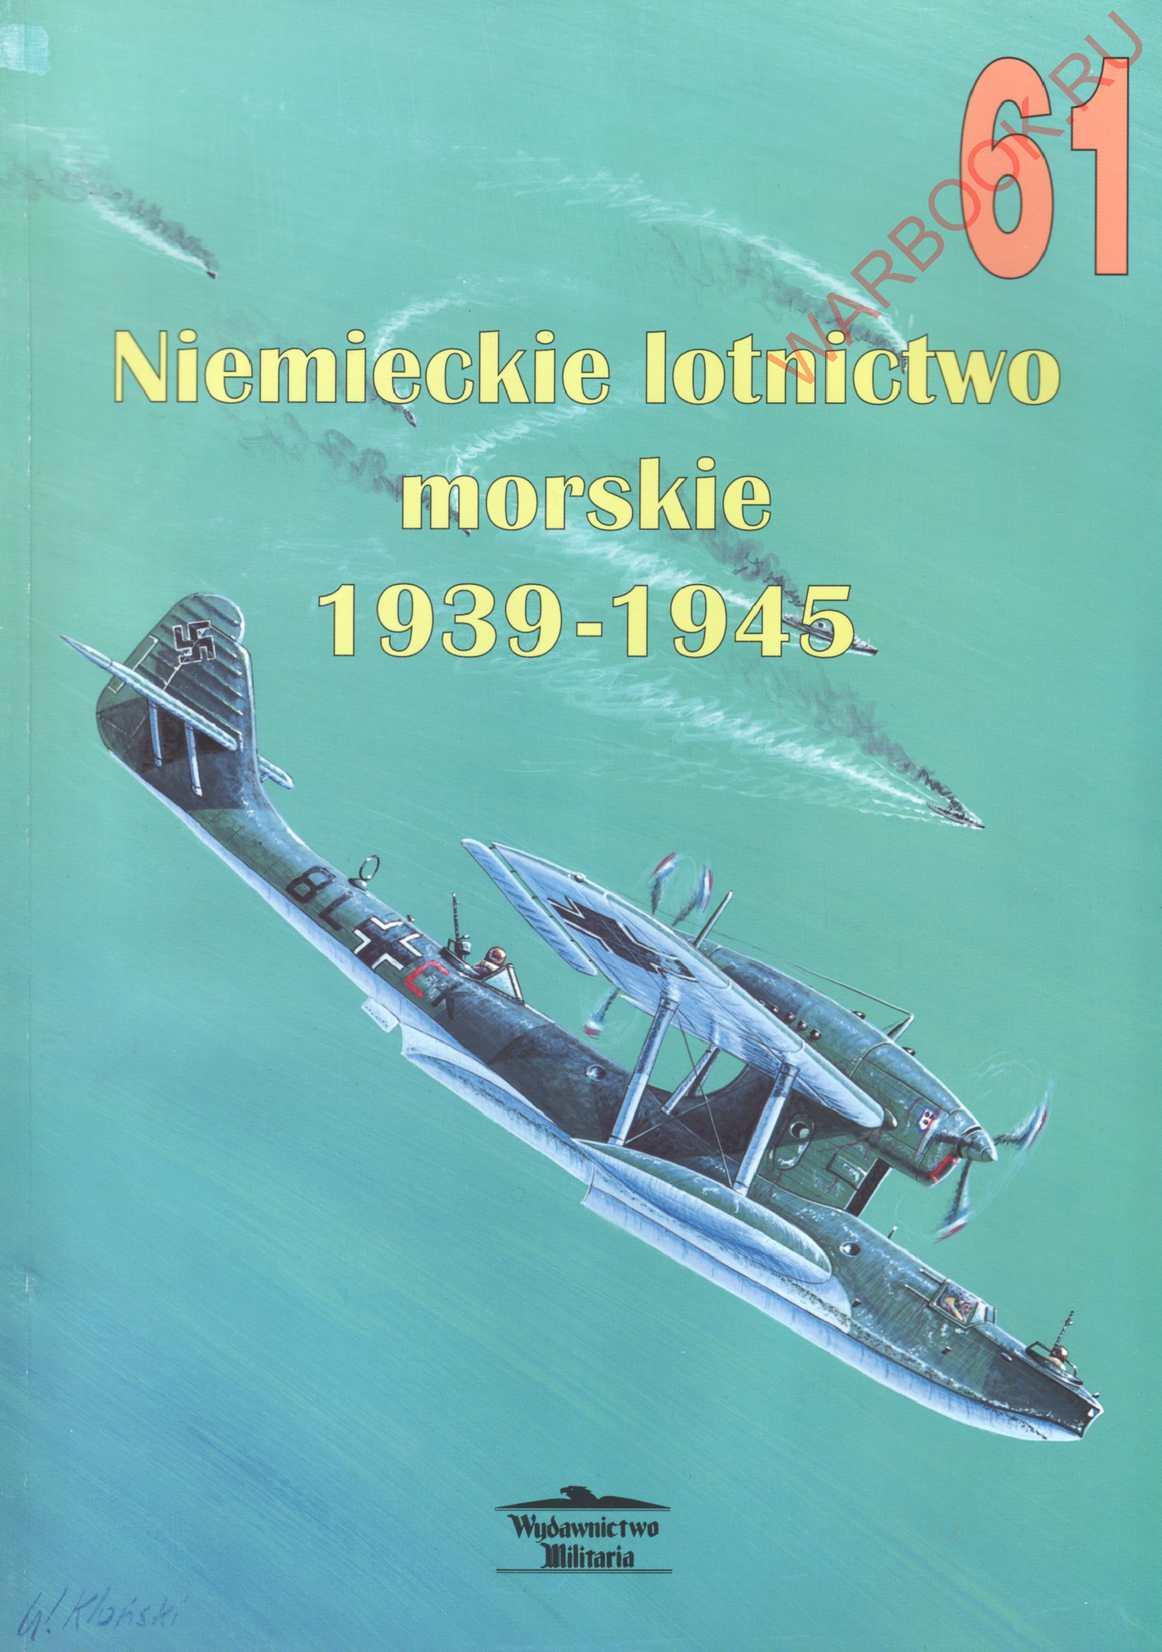 Wydawnictwo Militaria 61 Niemieckie lotnictwo morskie 1939-1945